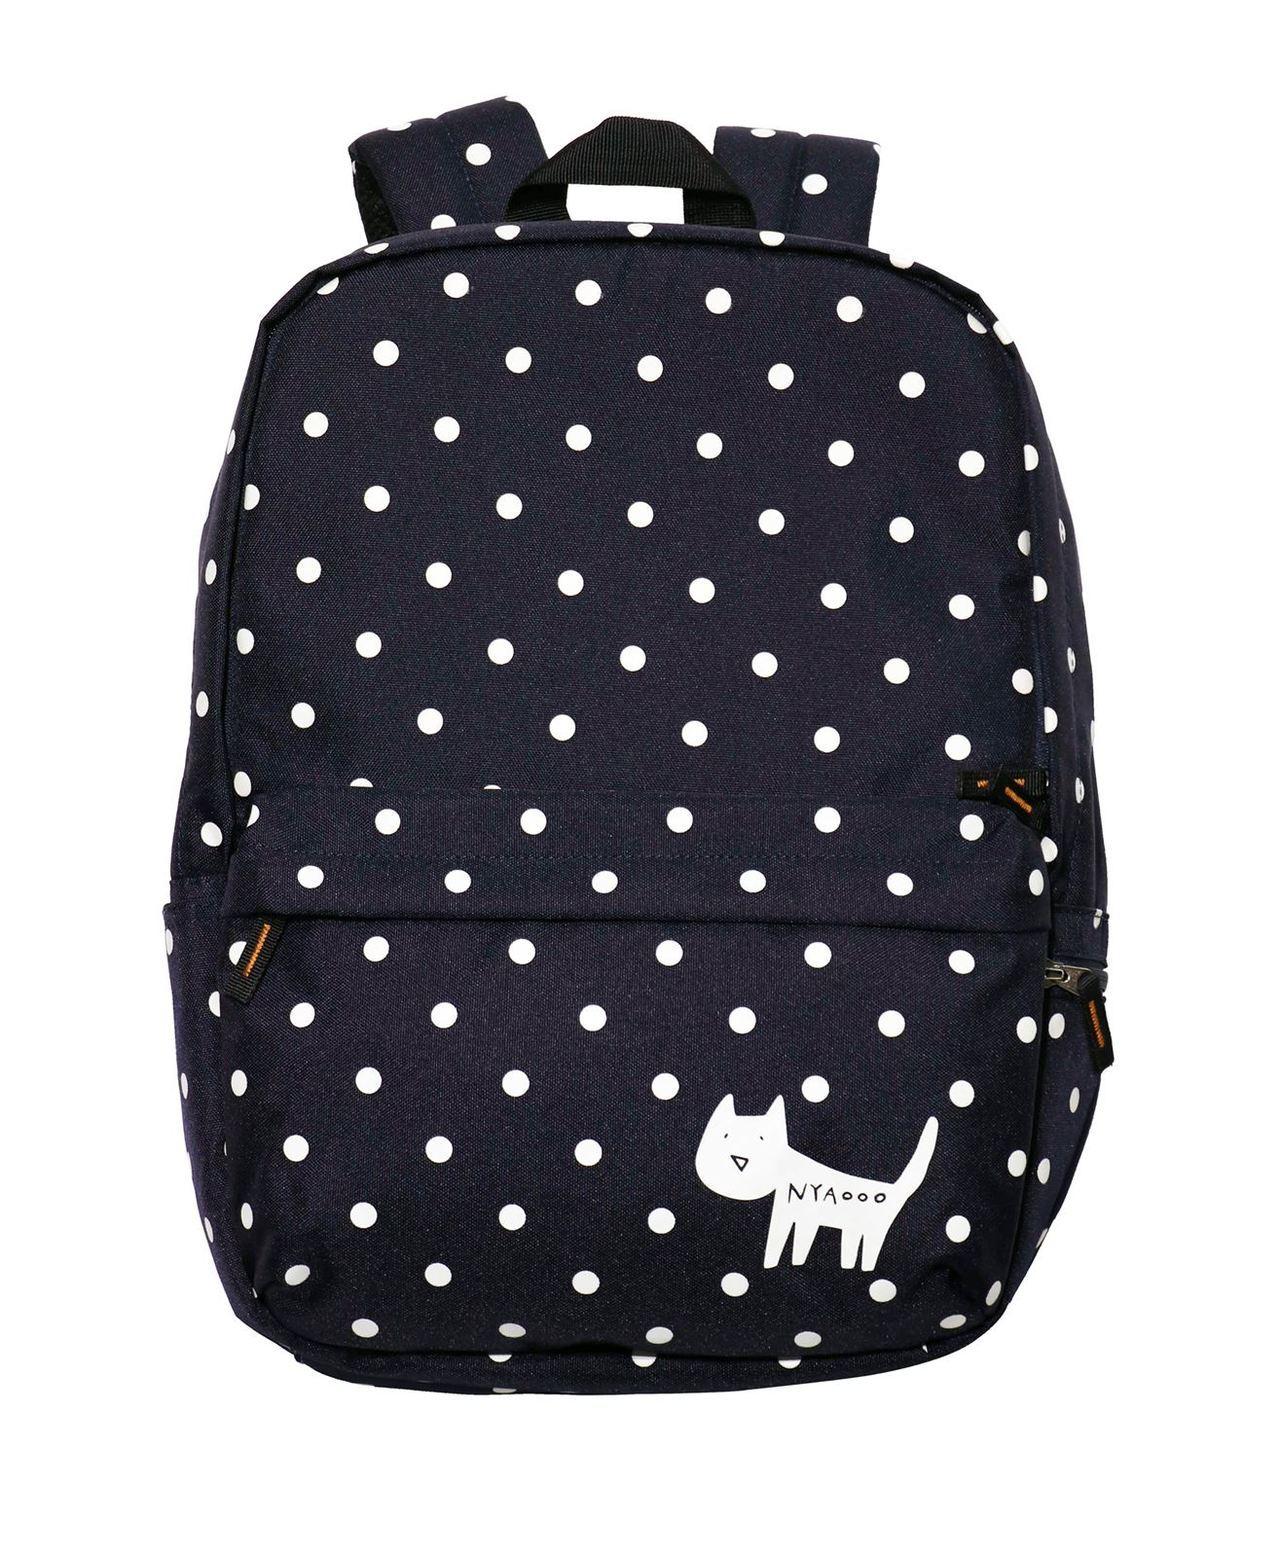 POU DOU DOU良可貓後背包,2,790元。圖/滿心提供